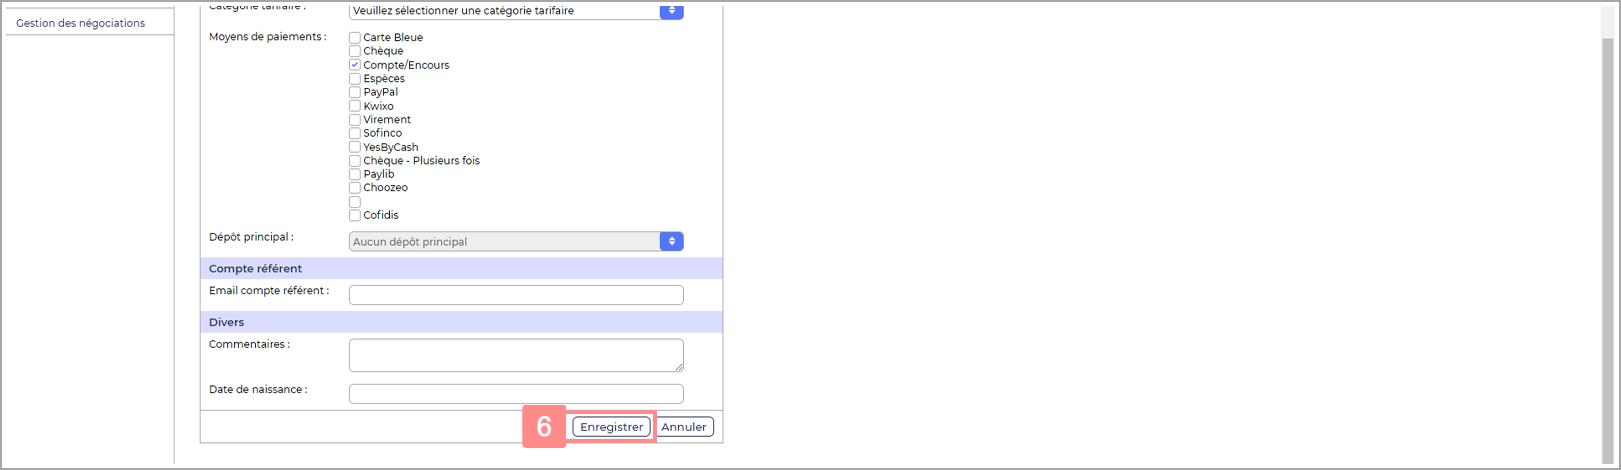 Enregistrer nouveau compte utilisateur - Site d'aide RiaShop / Yuto